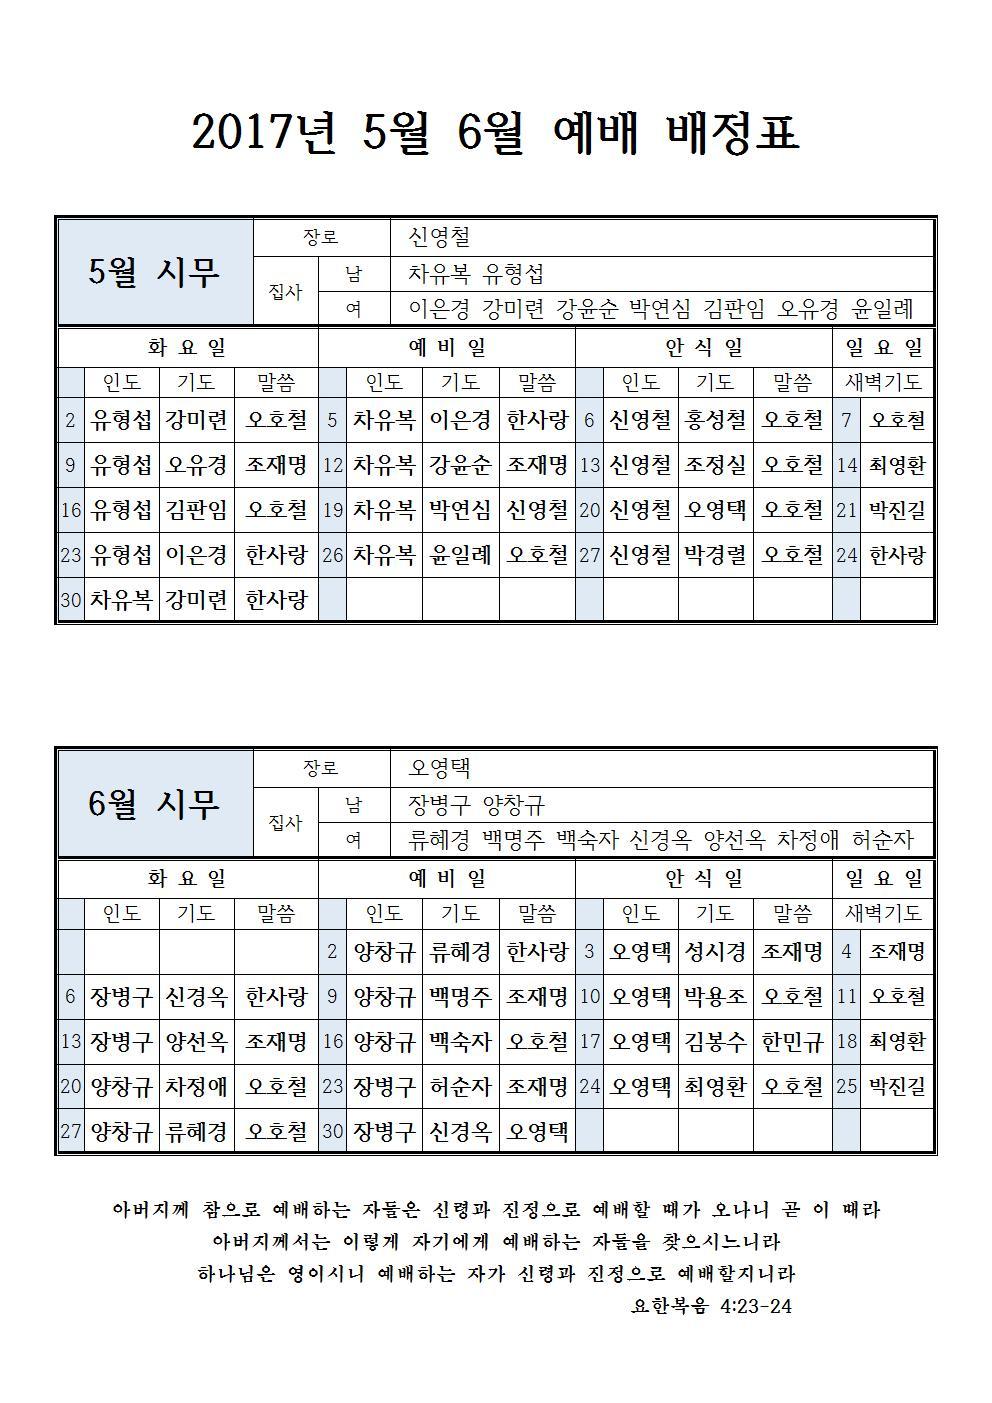 2017년 5 6월 예배배정표 - (1)001